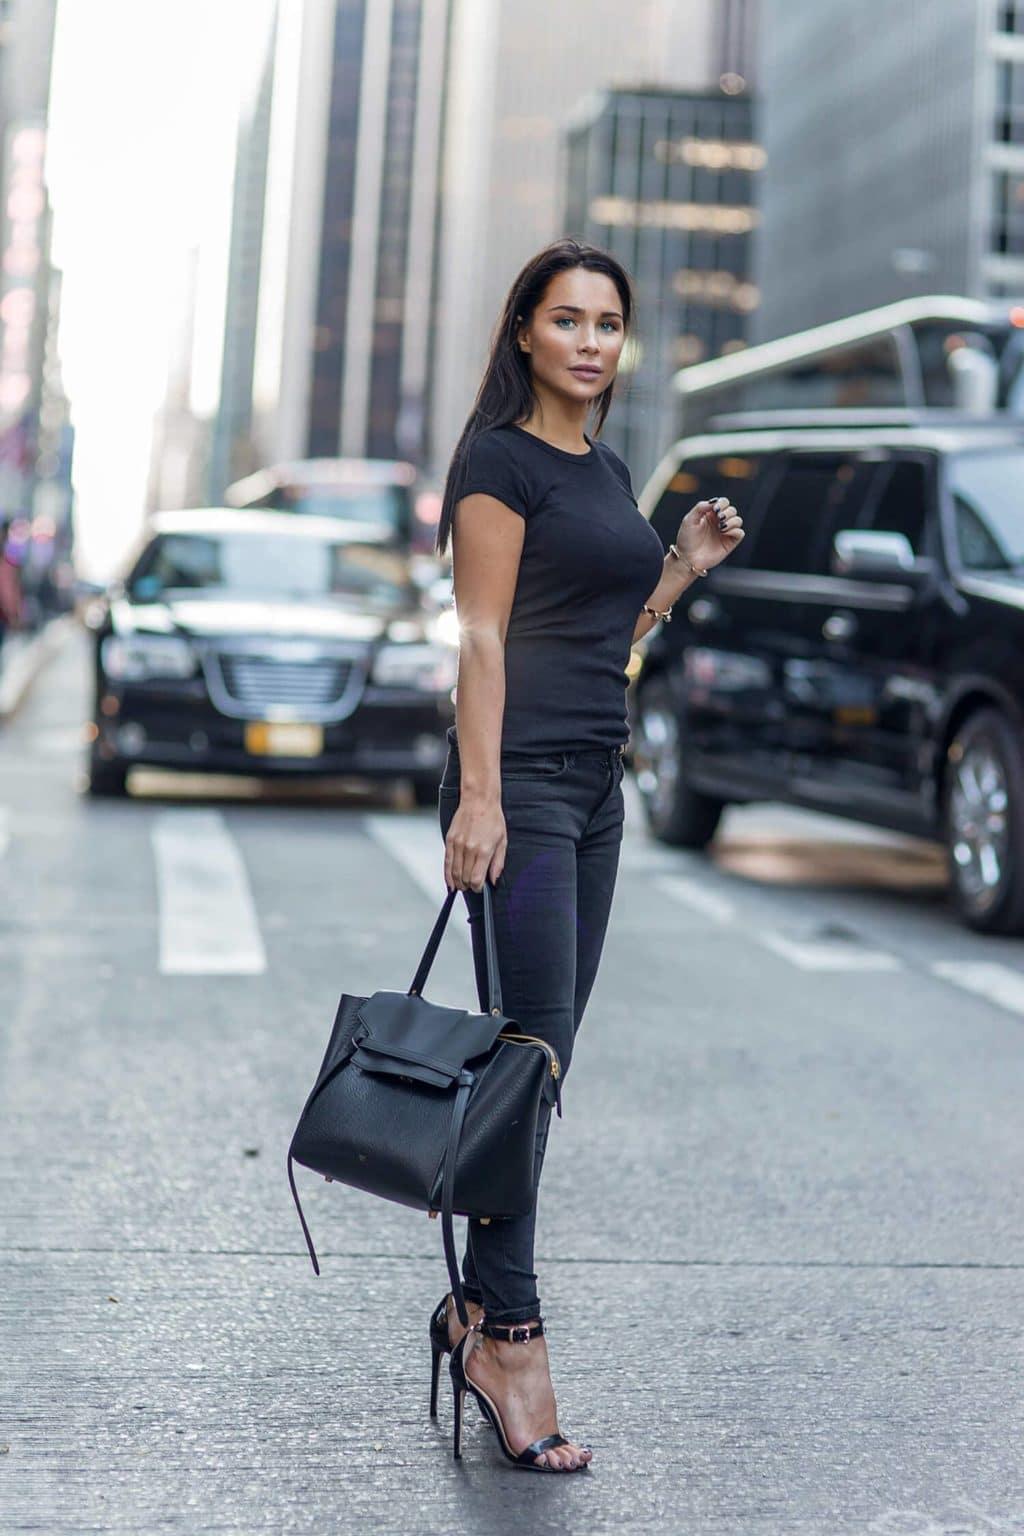 Простая черная футболка и каблуки